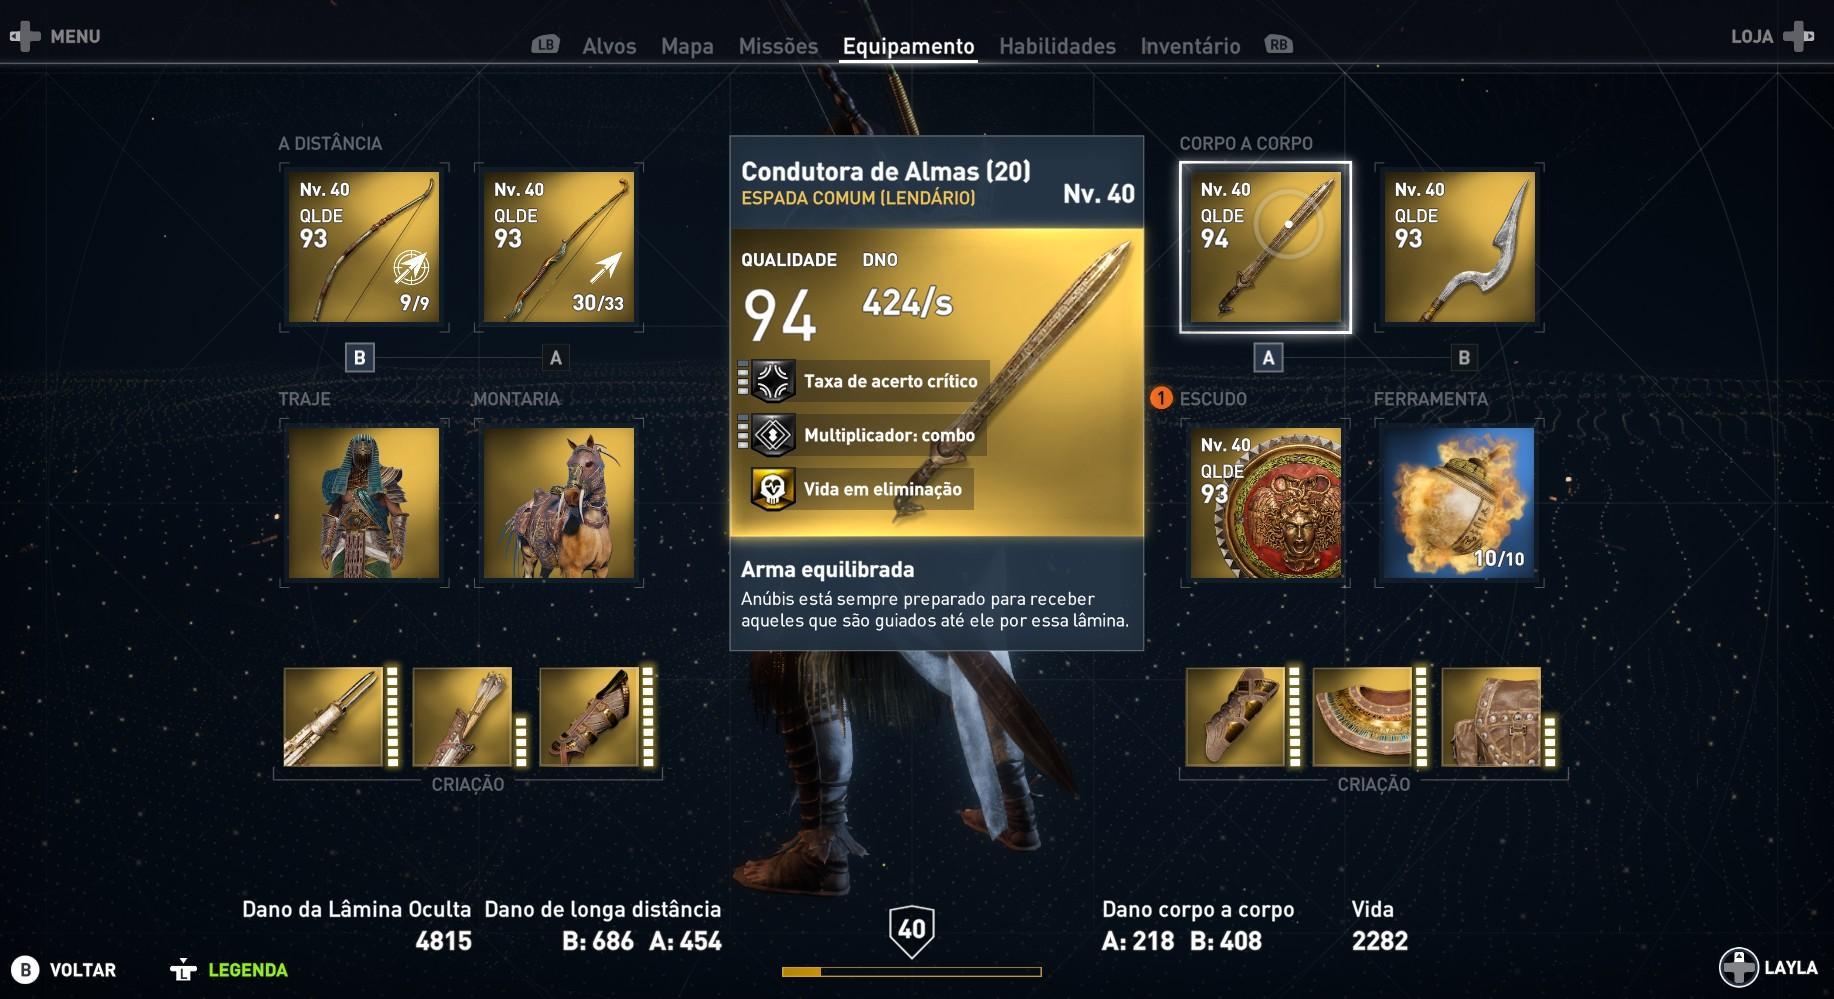 Como obter armas lendárias em Assassin's Creed Origins